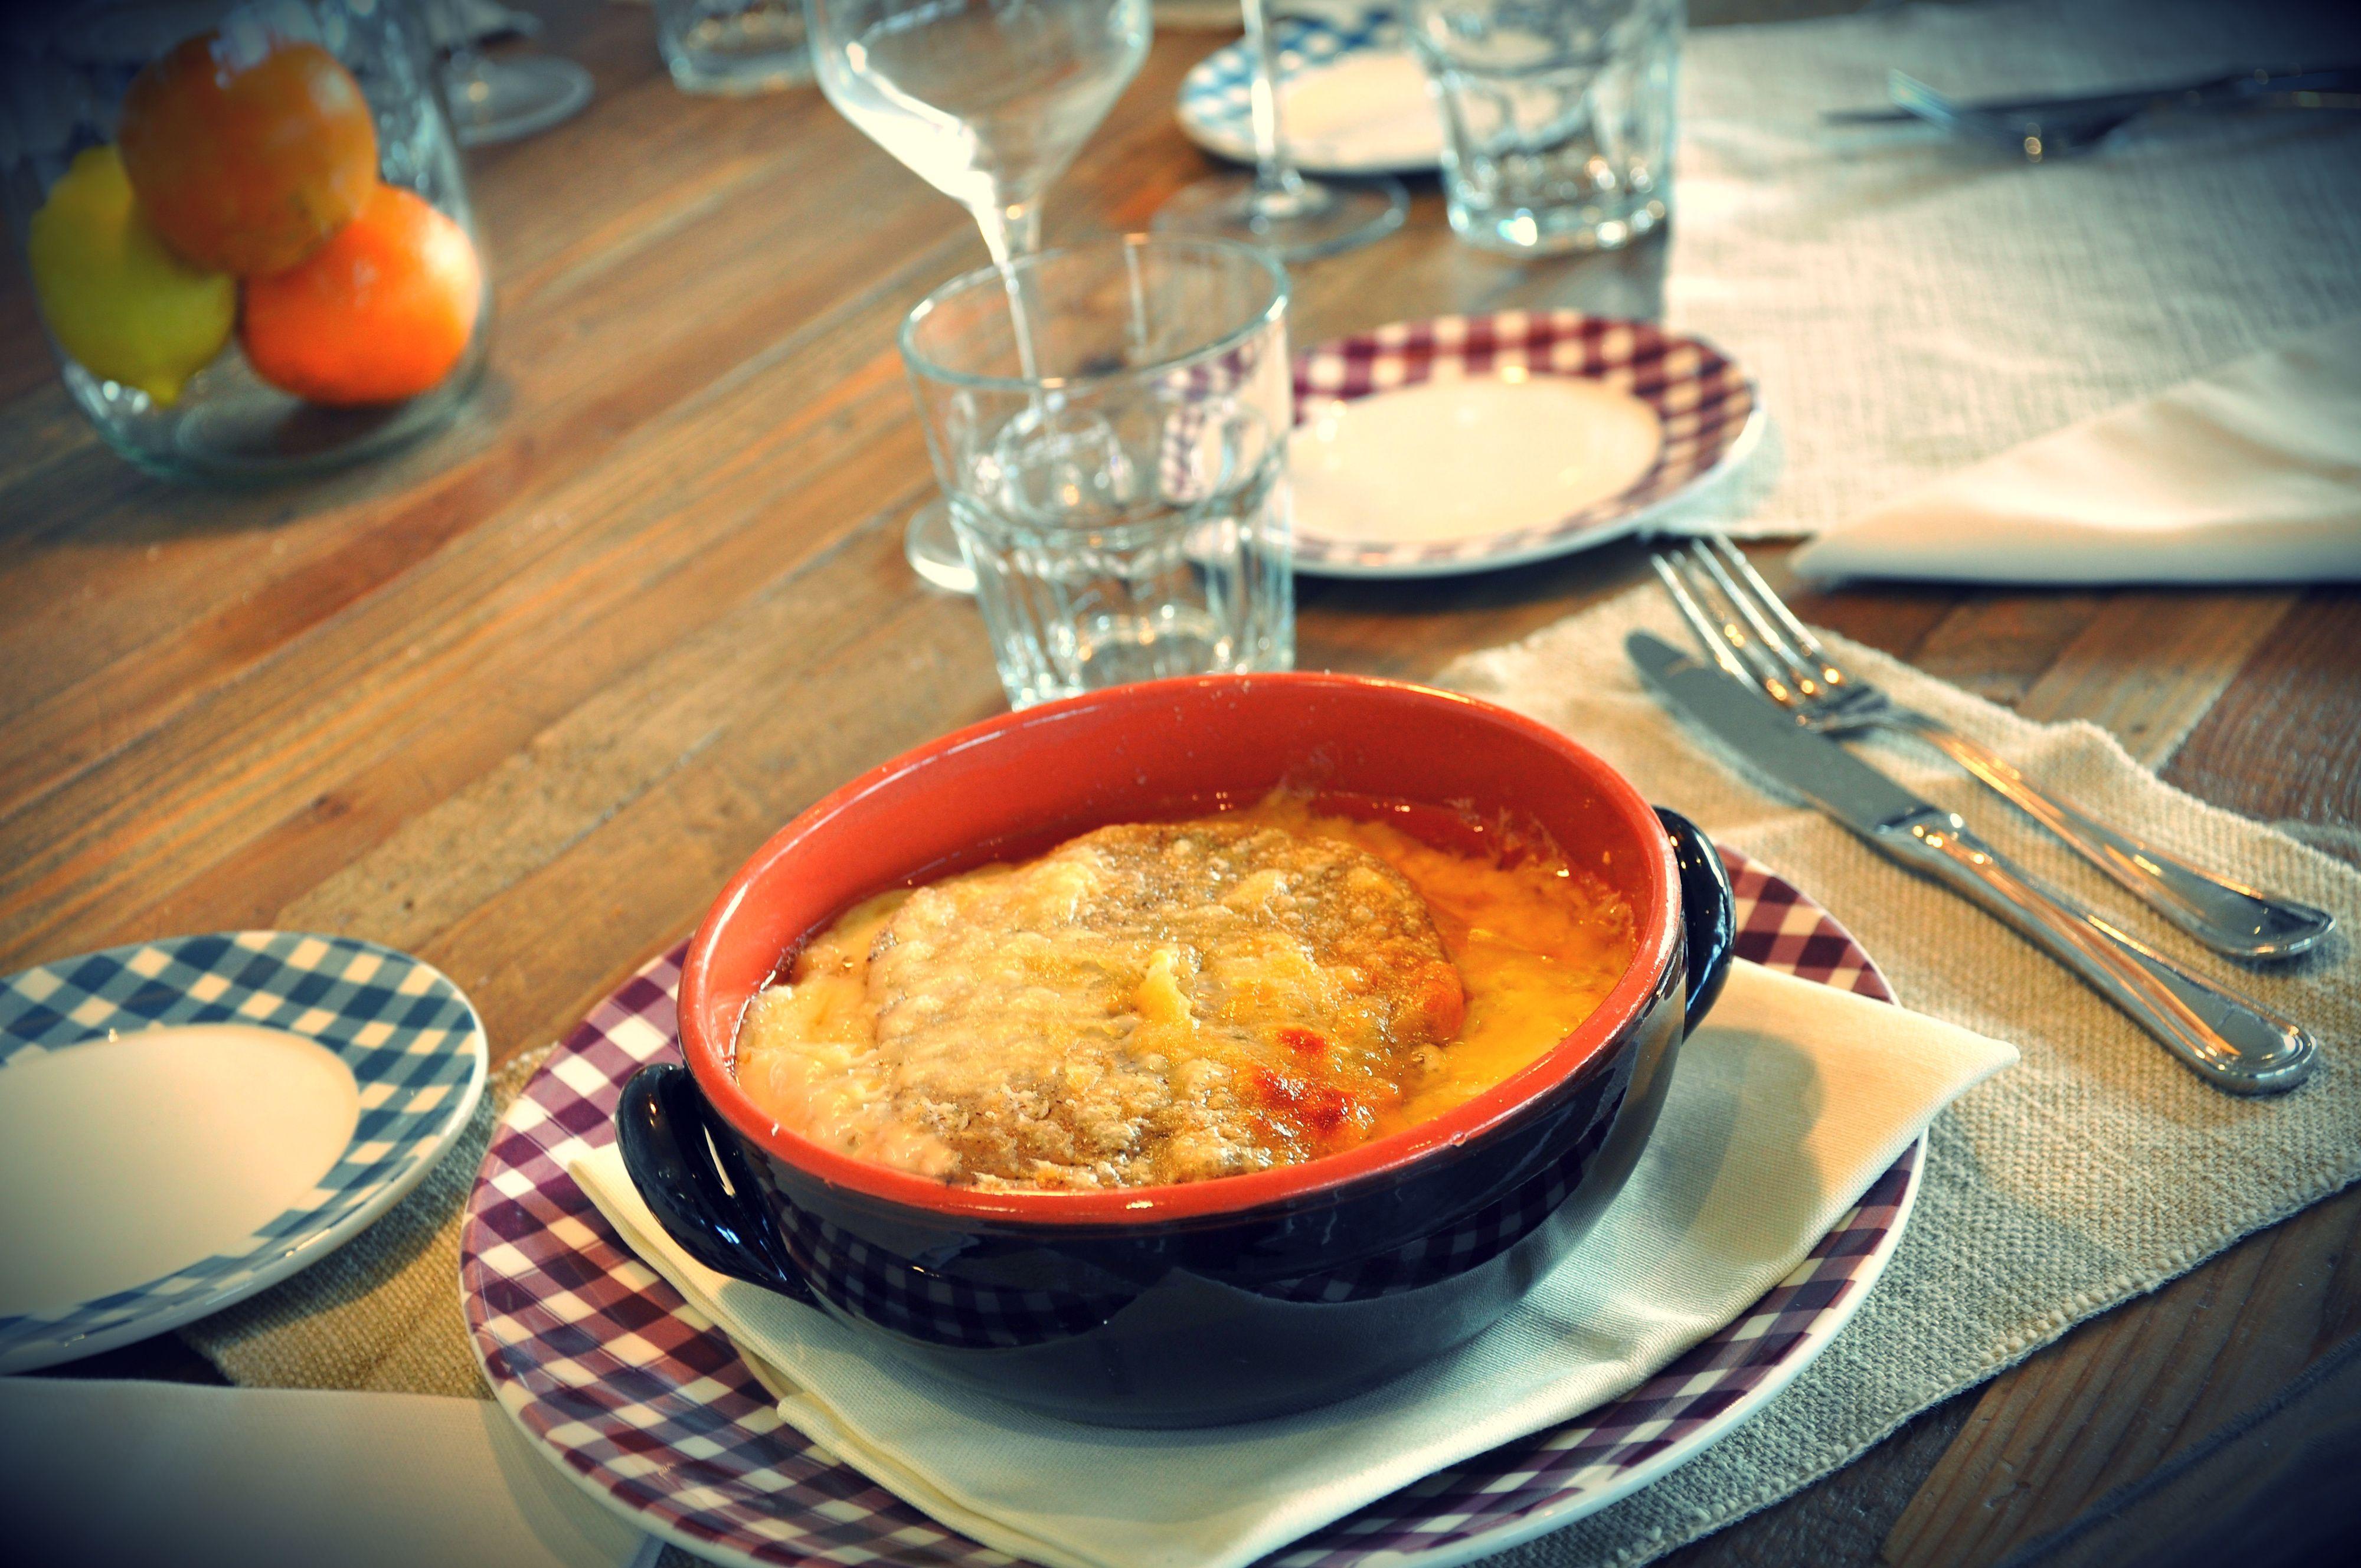 Ristorante brianza granaio cucina caff pranzo cena aperitivo polenta oncia i nostri - Granaio caffe e cucina ...